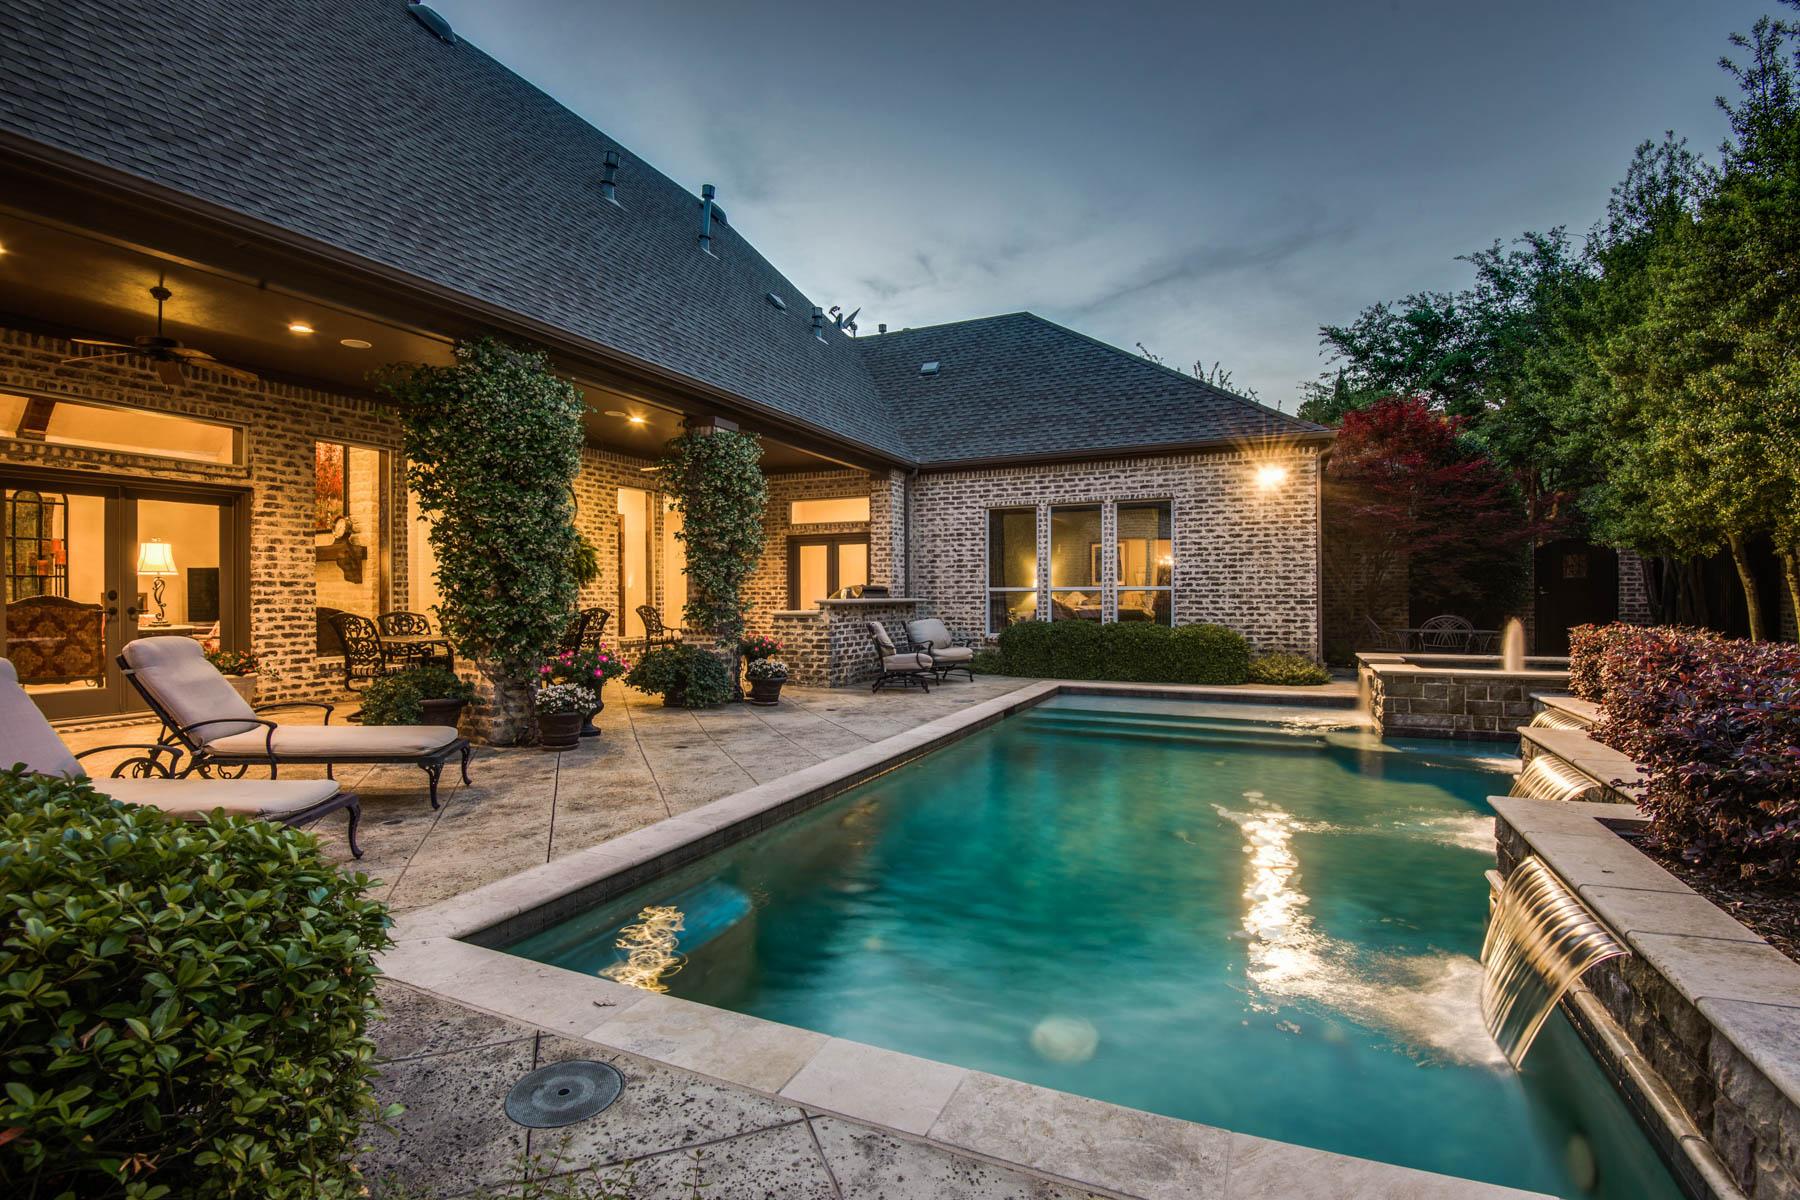 Einfamilienhaus für Verkauf beim Fall in Love with Your Outdoor Go to Spot! 5612 Fairfax Dr Frisco, Texas, 75034 Vereinigte Staaten